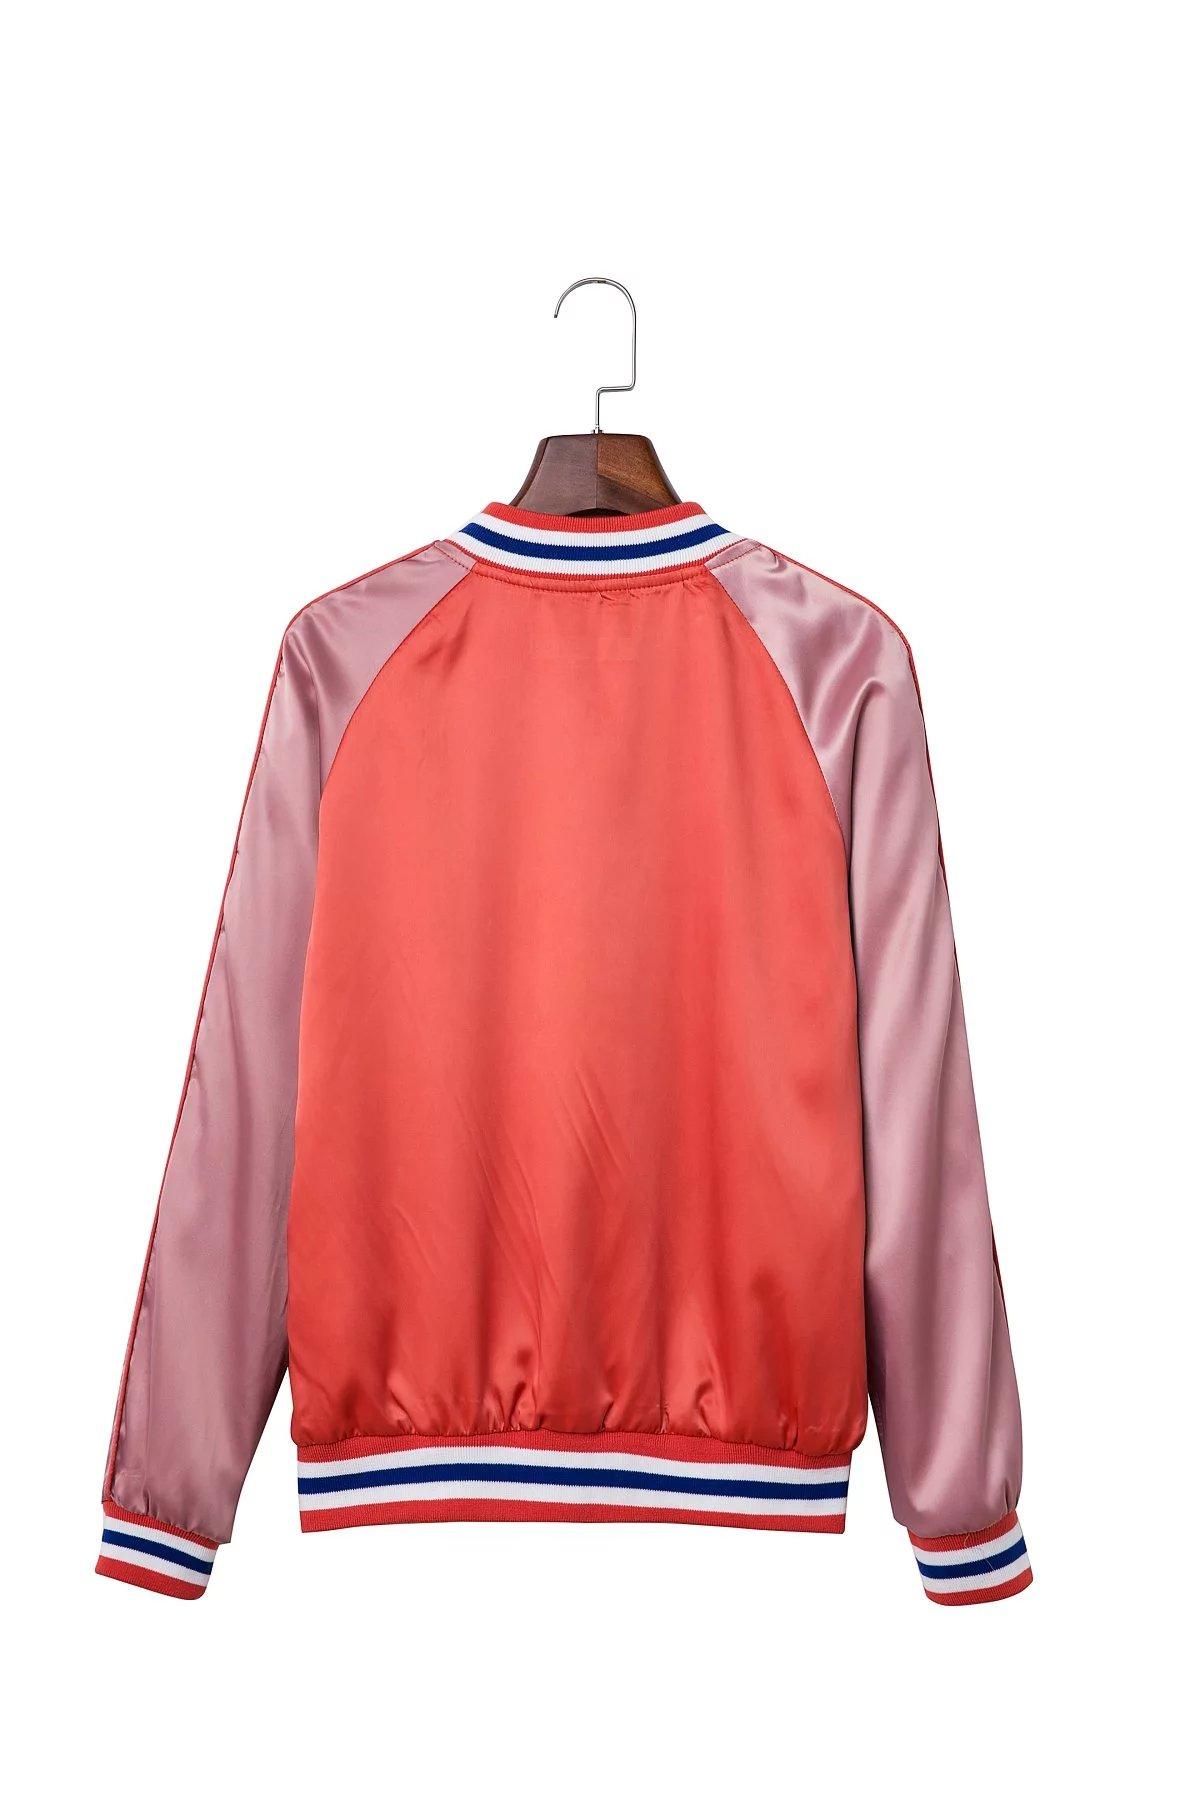 71 Knopf VOGUEN Mode Mantel Größe Sml in Farbe 12OFF Frauen Kontrast VOGUEN Satin Daunenjacke XS Frauen Bomber US16 Neuen Neuen Damen Damen f6gv7IYbym